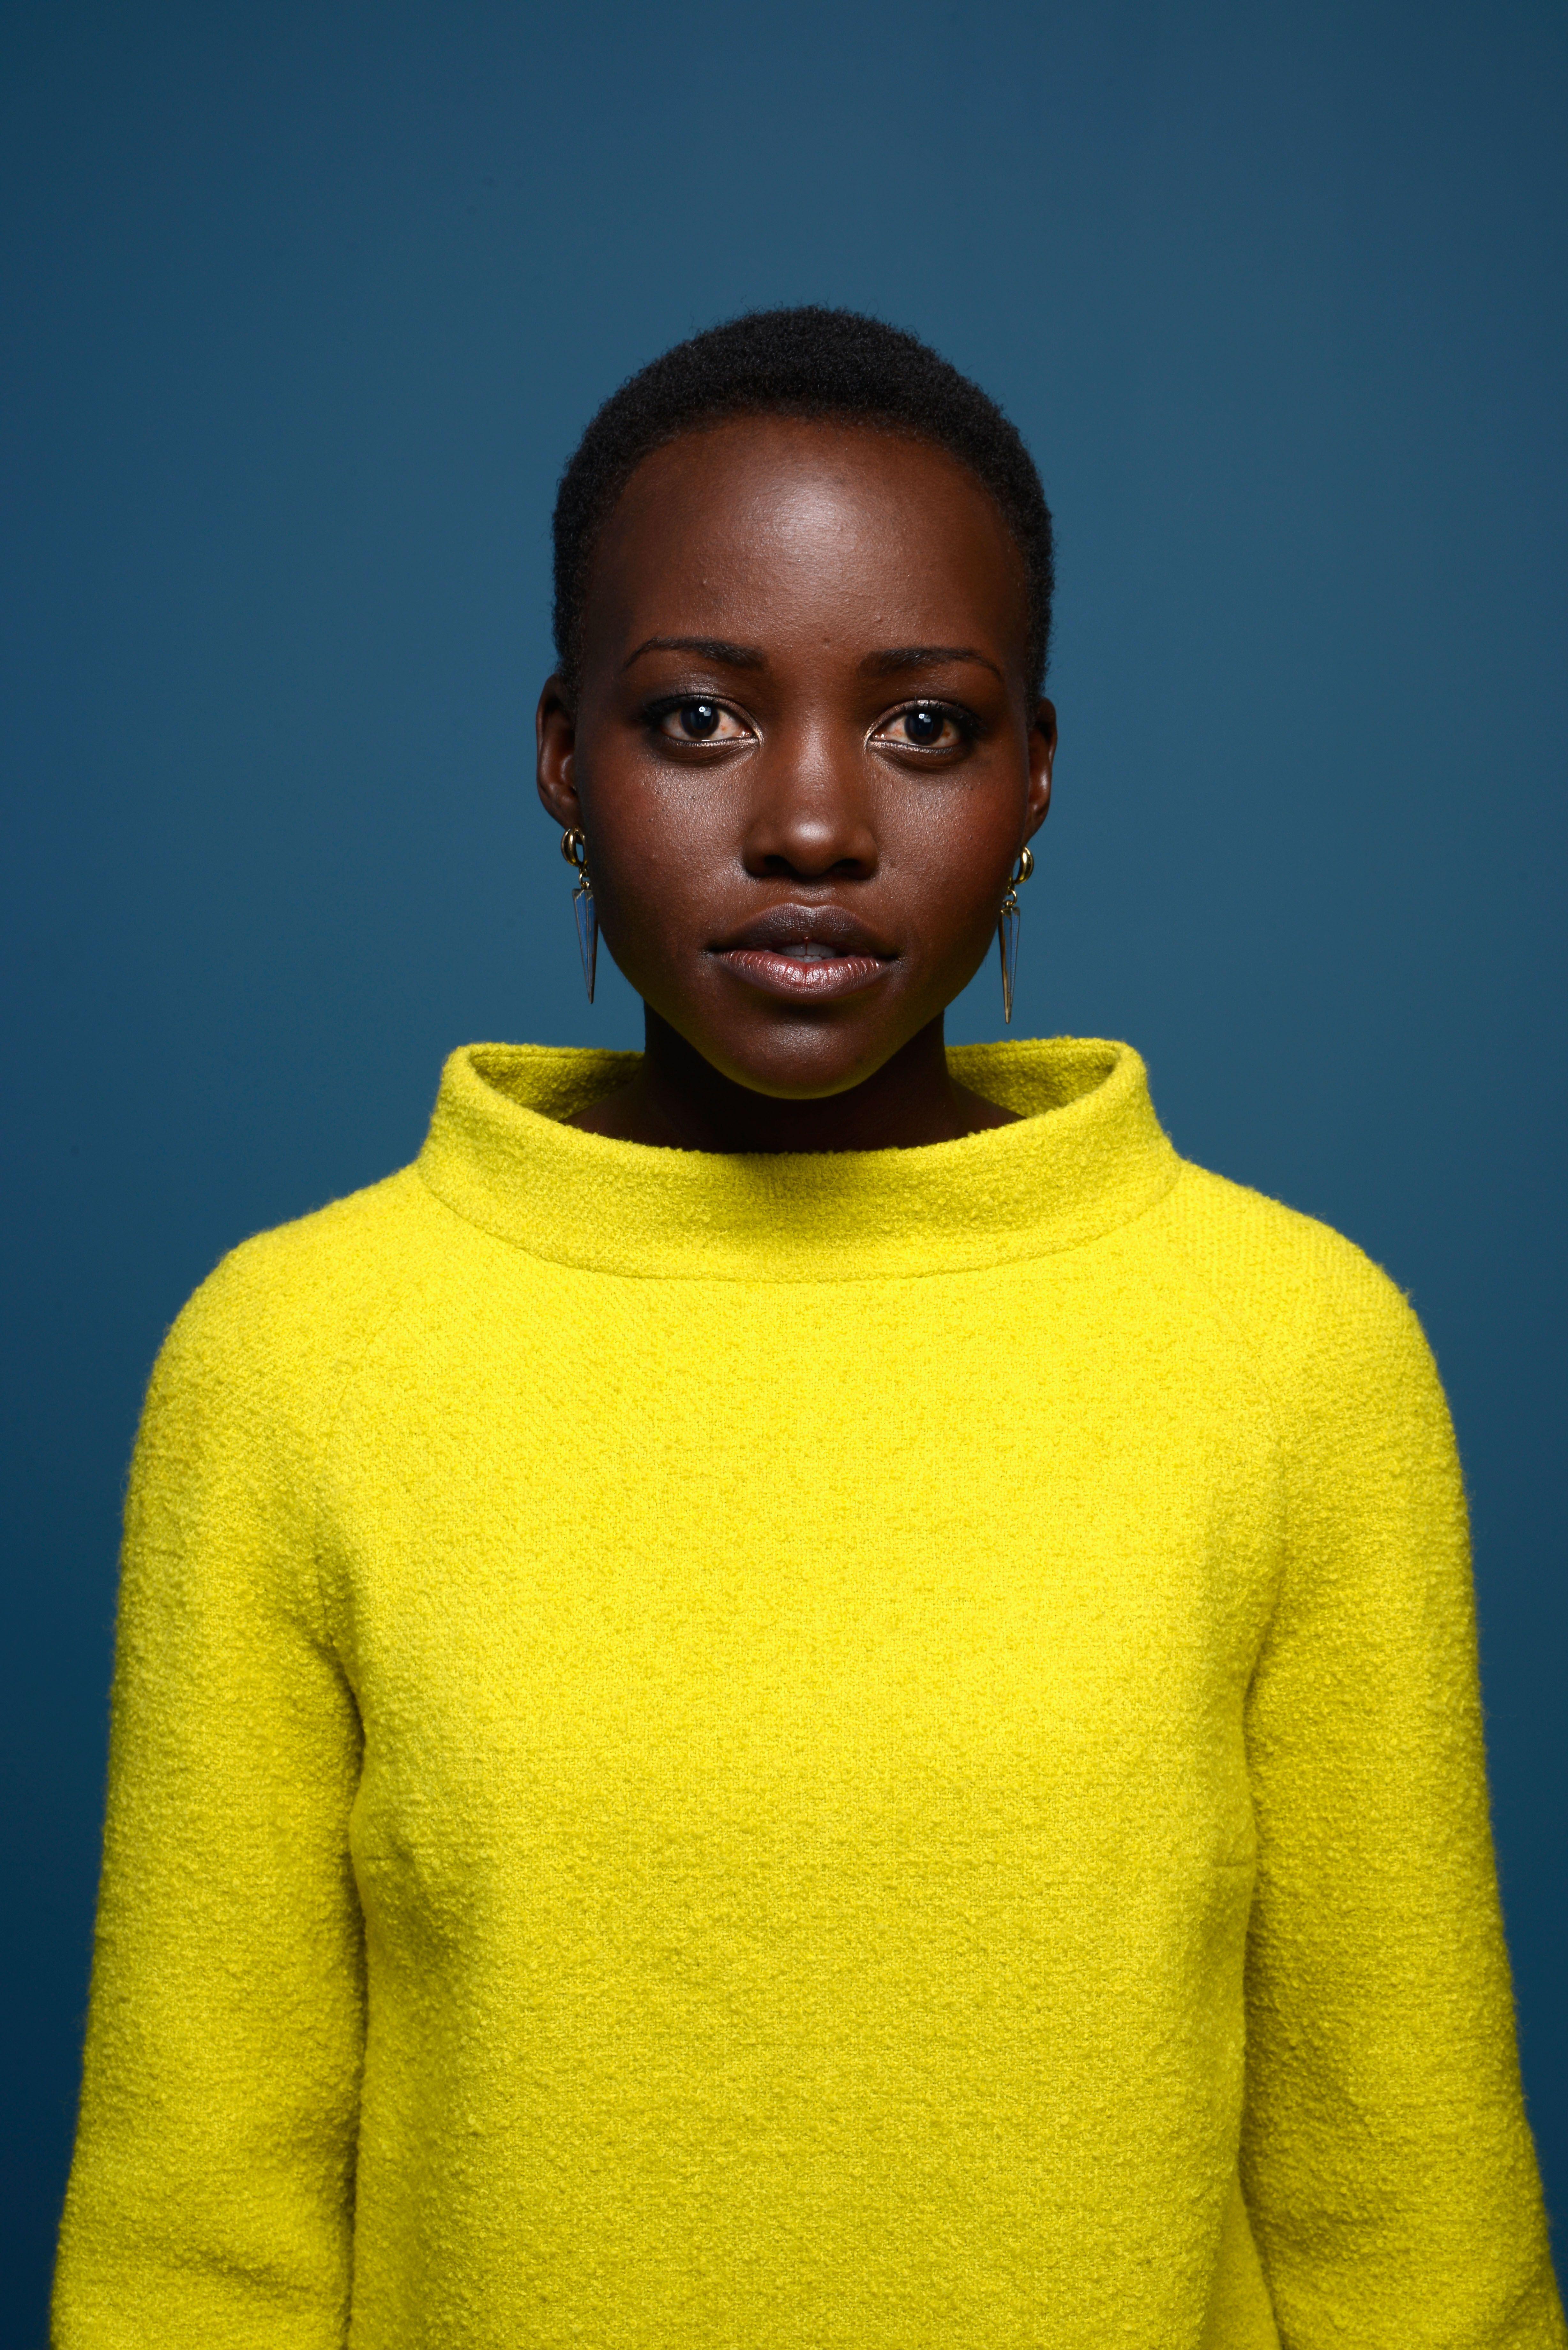 My new fashion idol: Lupita Nyong'o